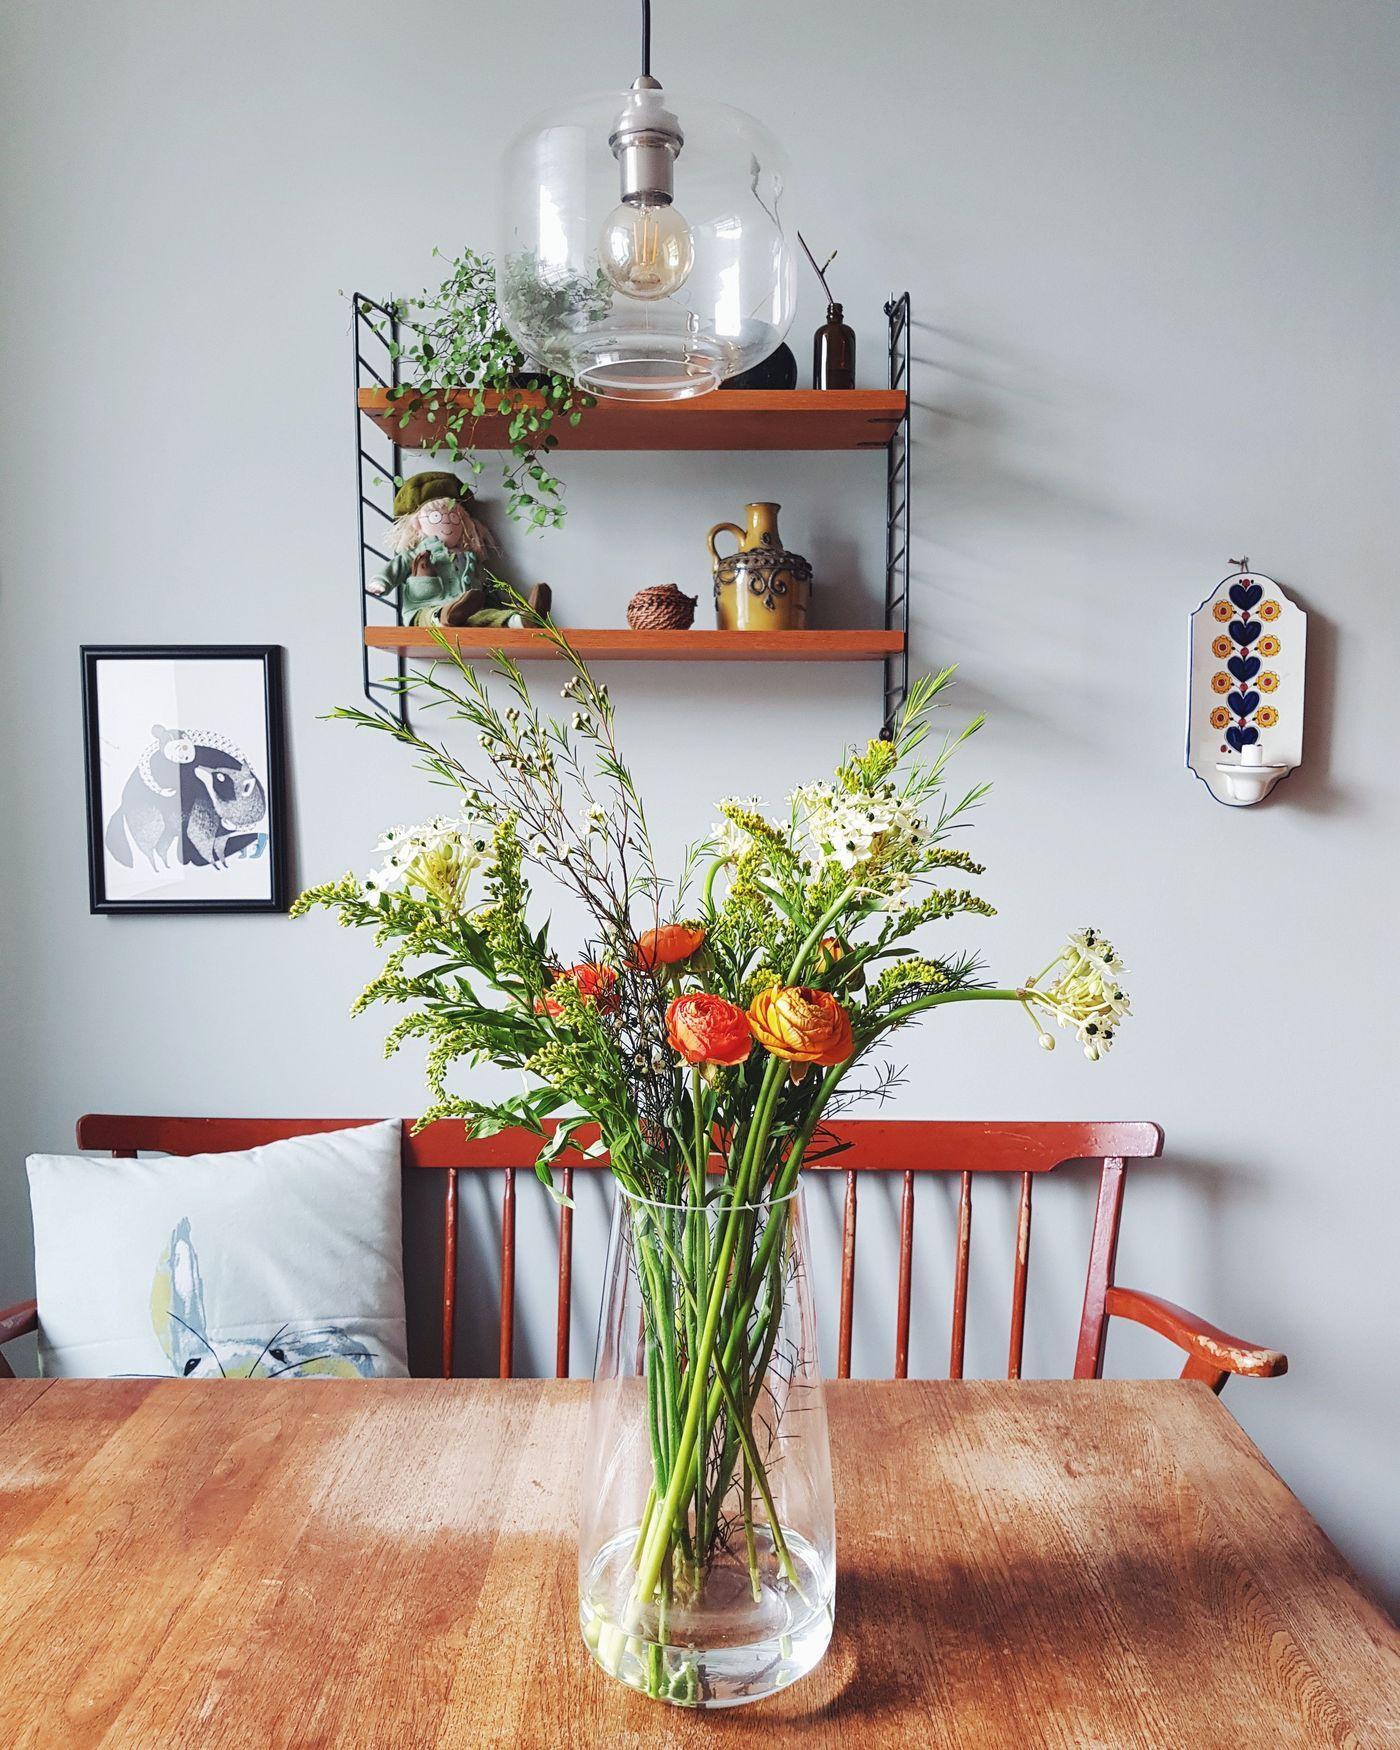 Großartig Küche Deko Ideen Kaffee Thema Bilder - Küche Set Ideen ...